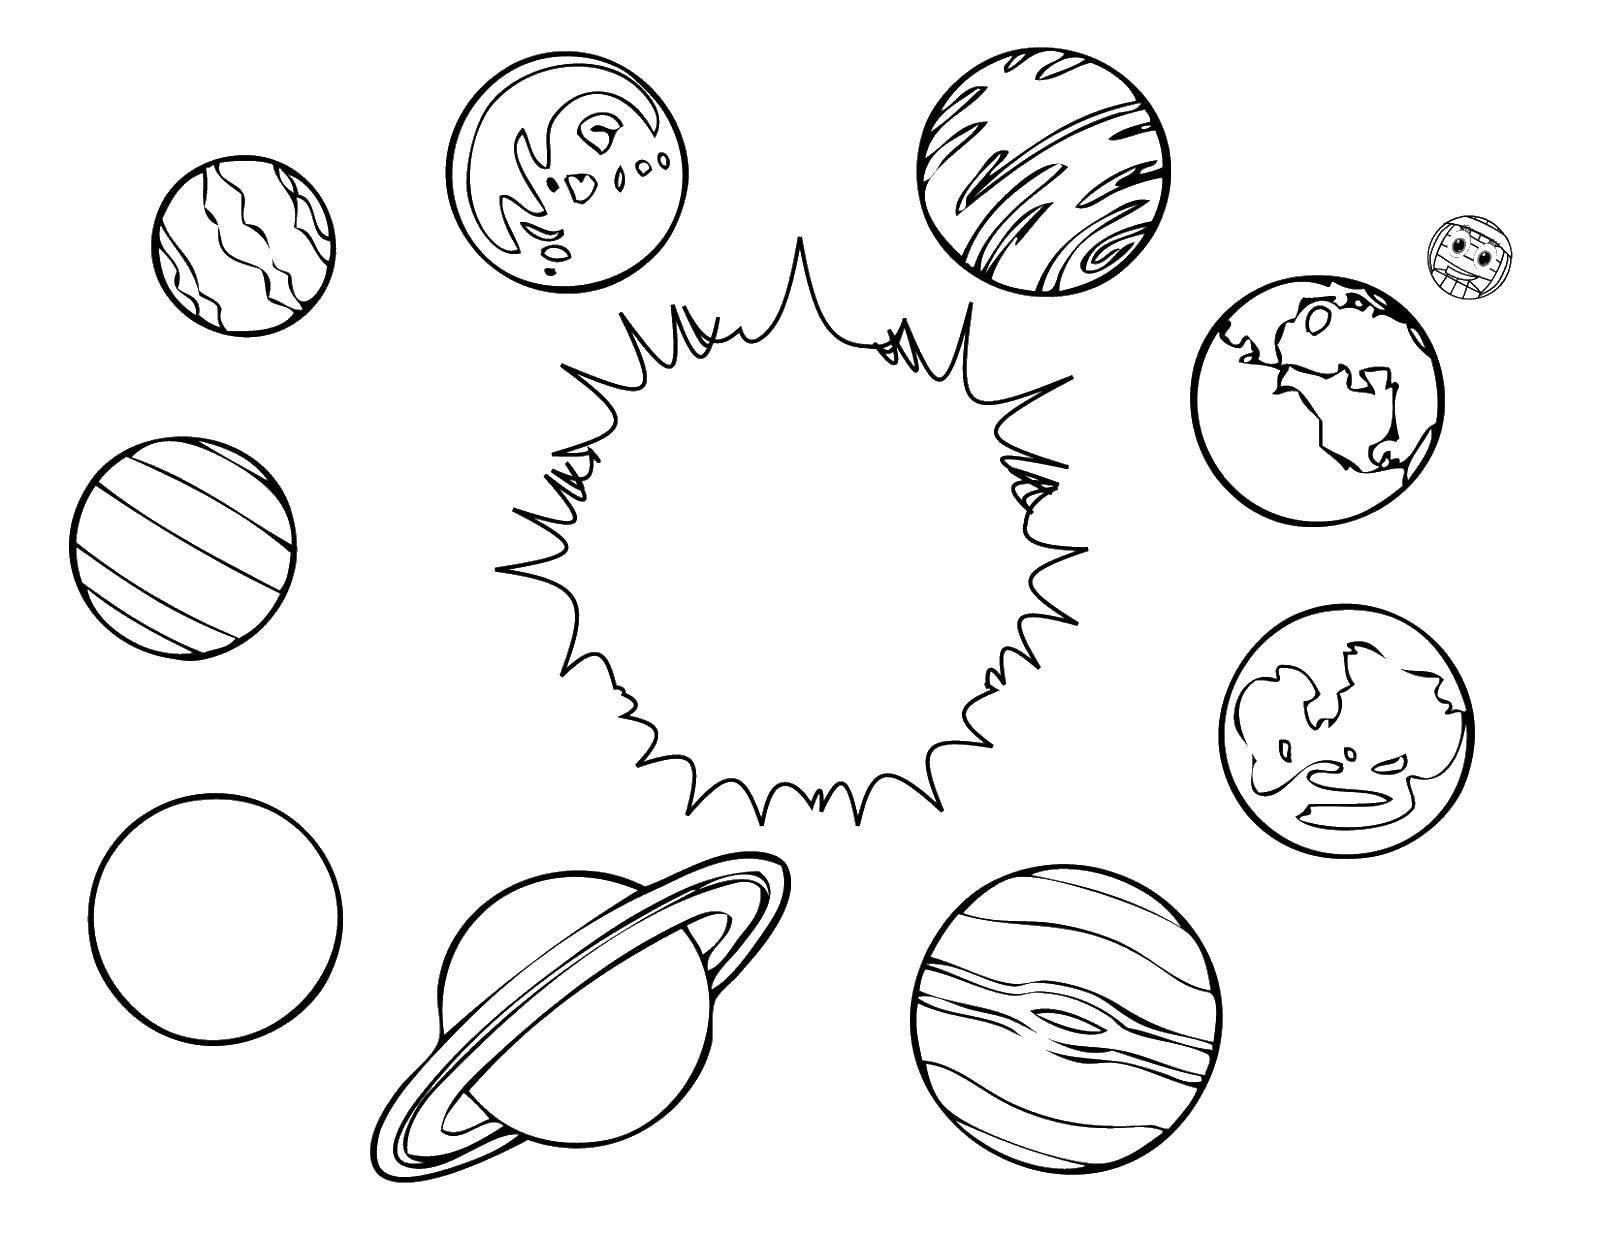 Раскраска космос Скачать майнкрафт, волки.  Распечатать ,майнкрафт,